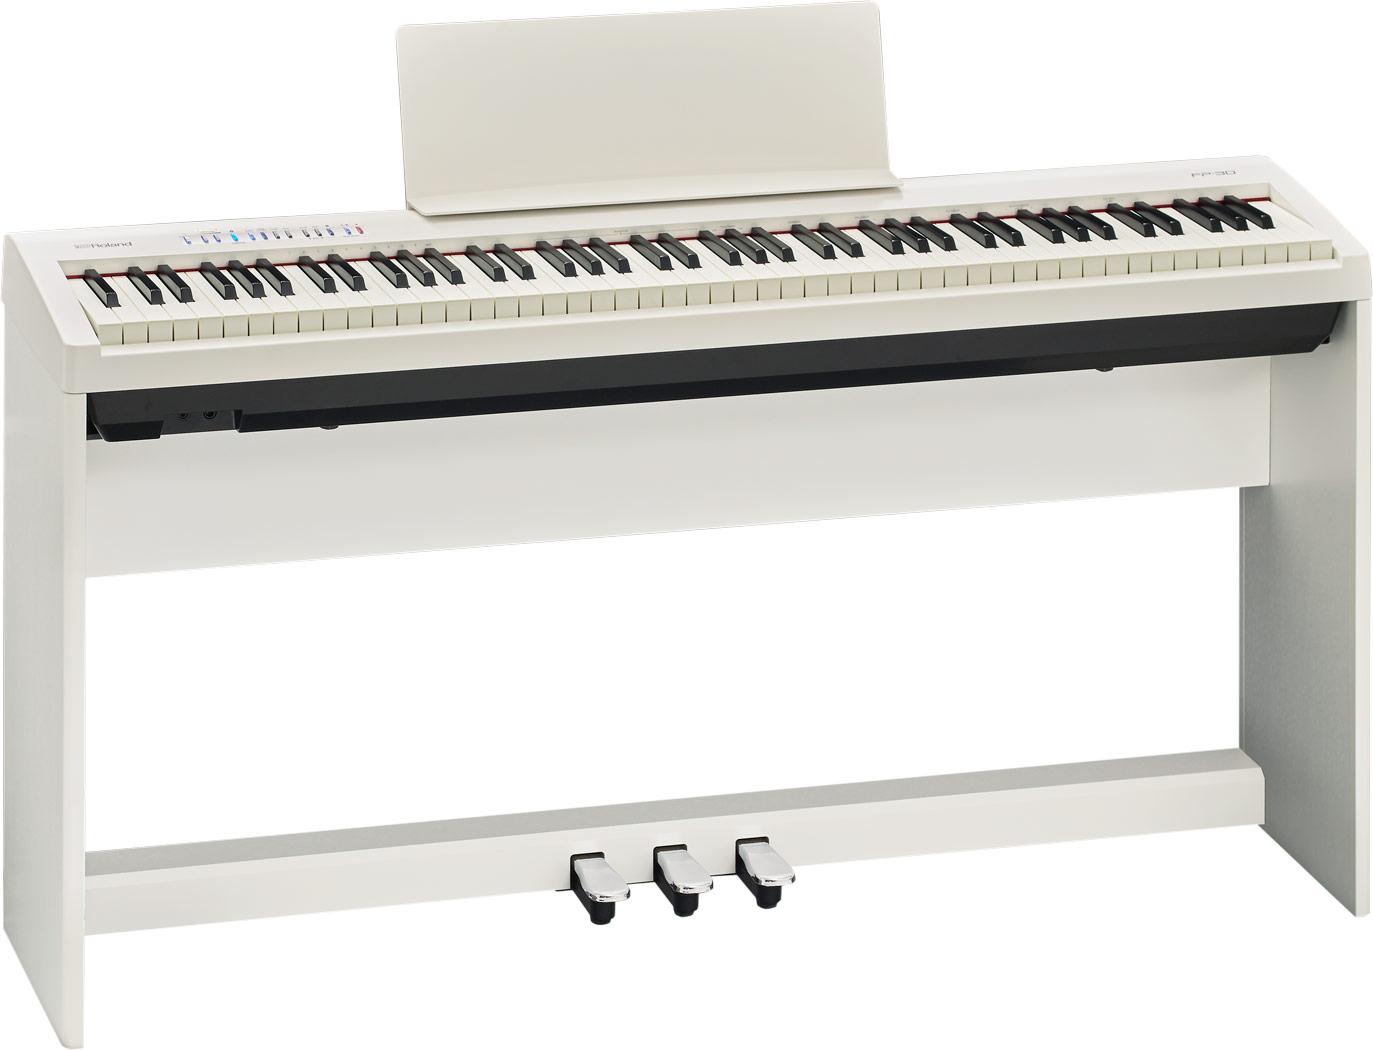 Roland elklaver FP30-WH med KSC70-WH ben og KPD70-WH pedaler